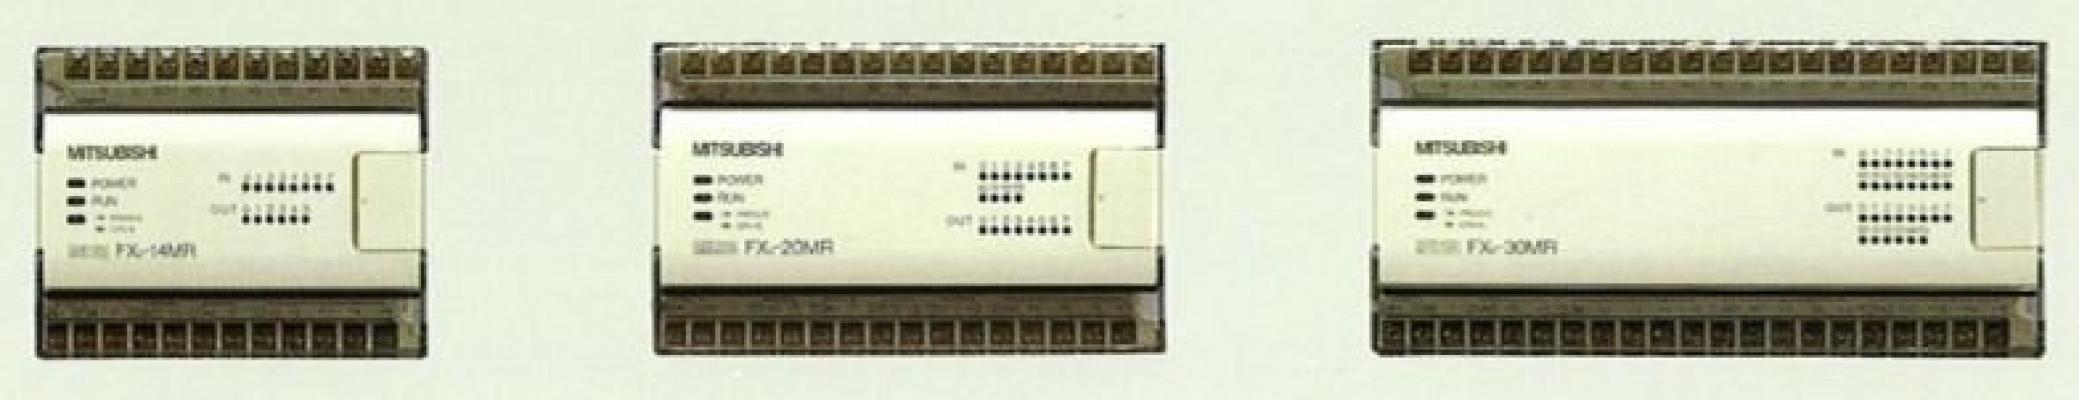 Mitsubishi PLC FX0S-30MT-DSS